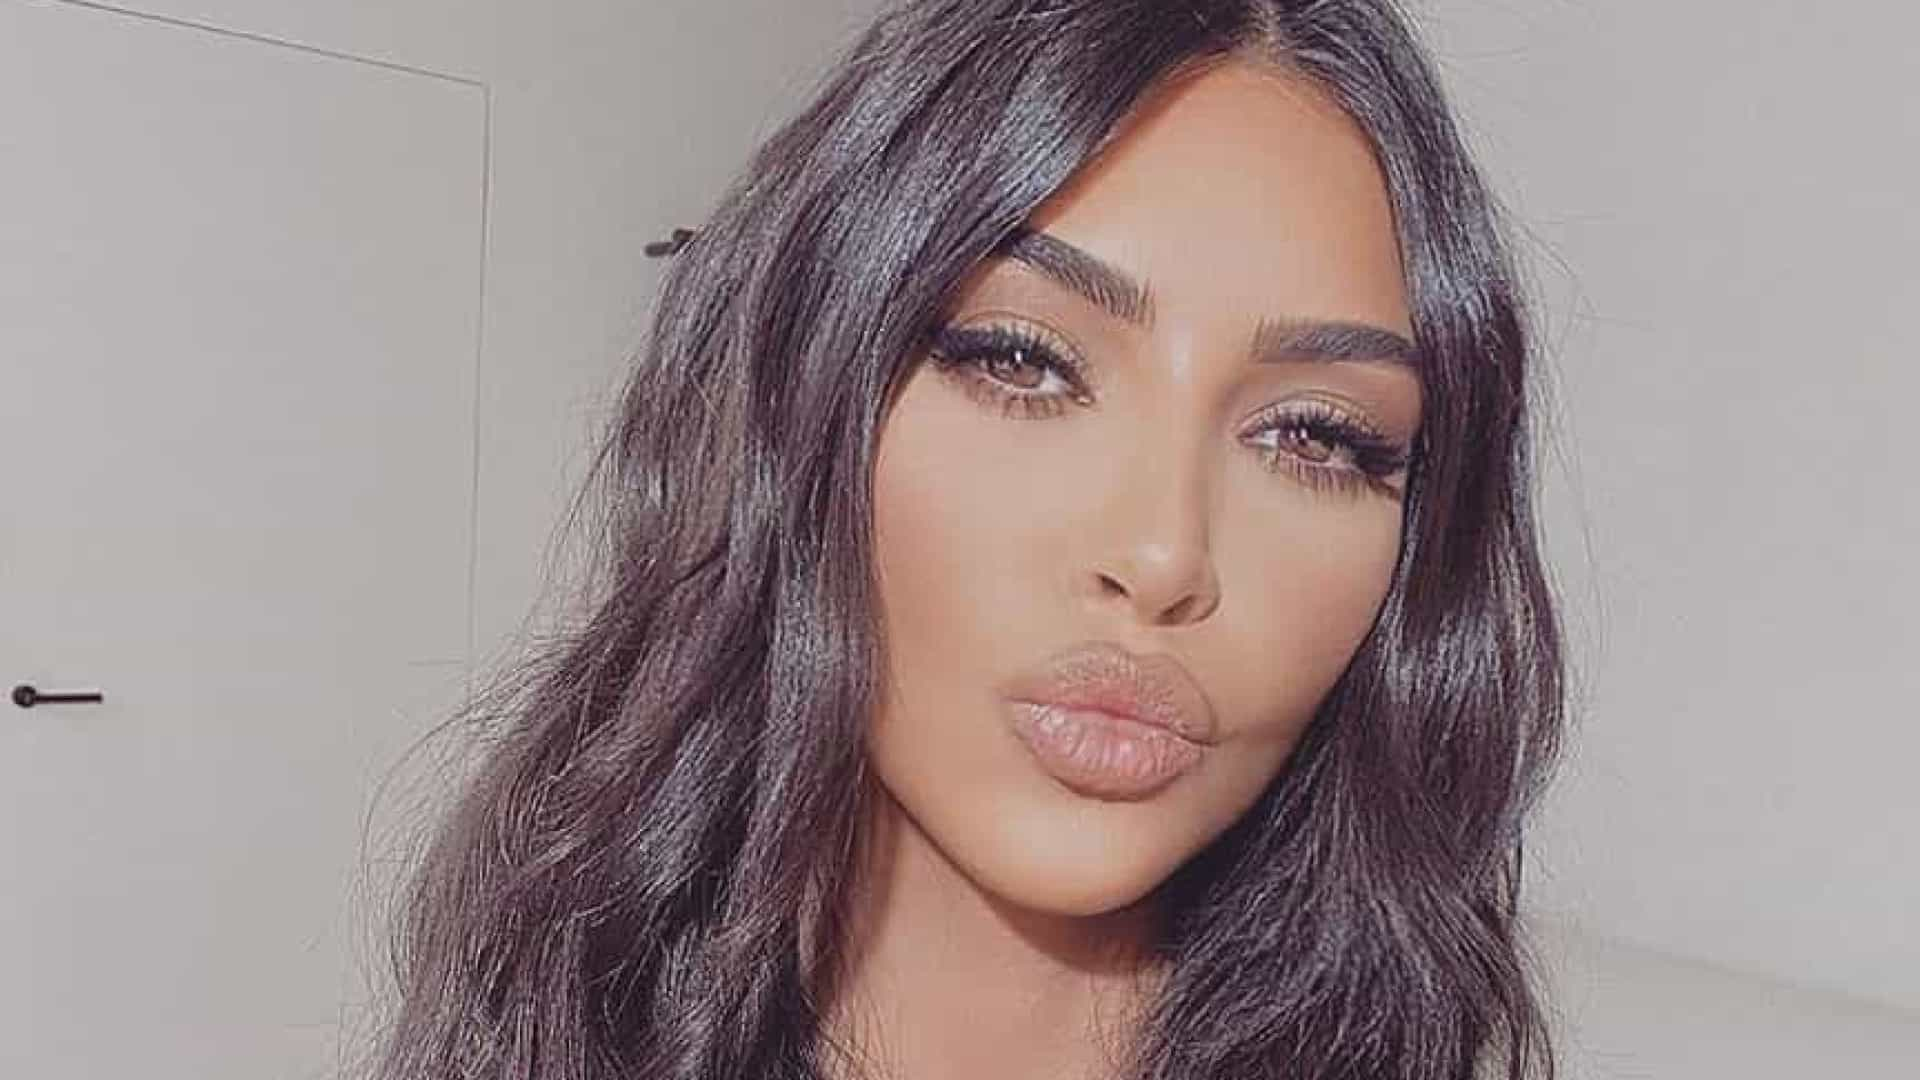 Kim Kardashian processa empresa que usou a sua imagem e pede 10 milhões